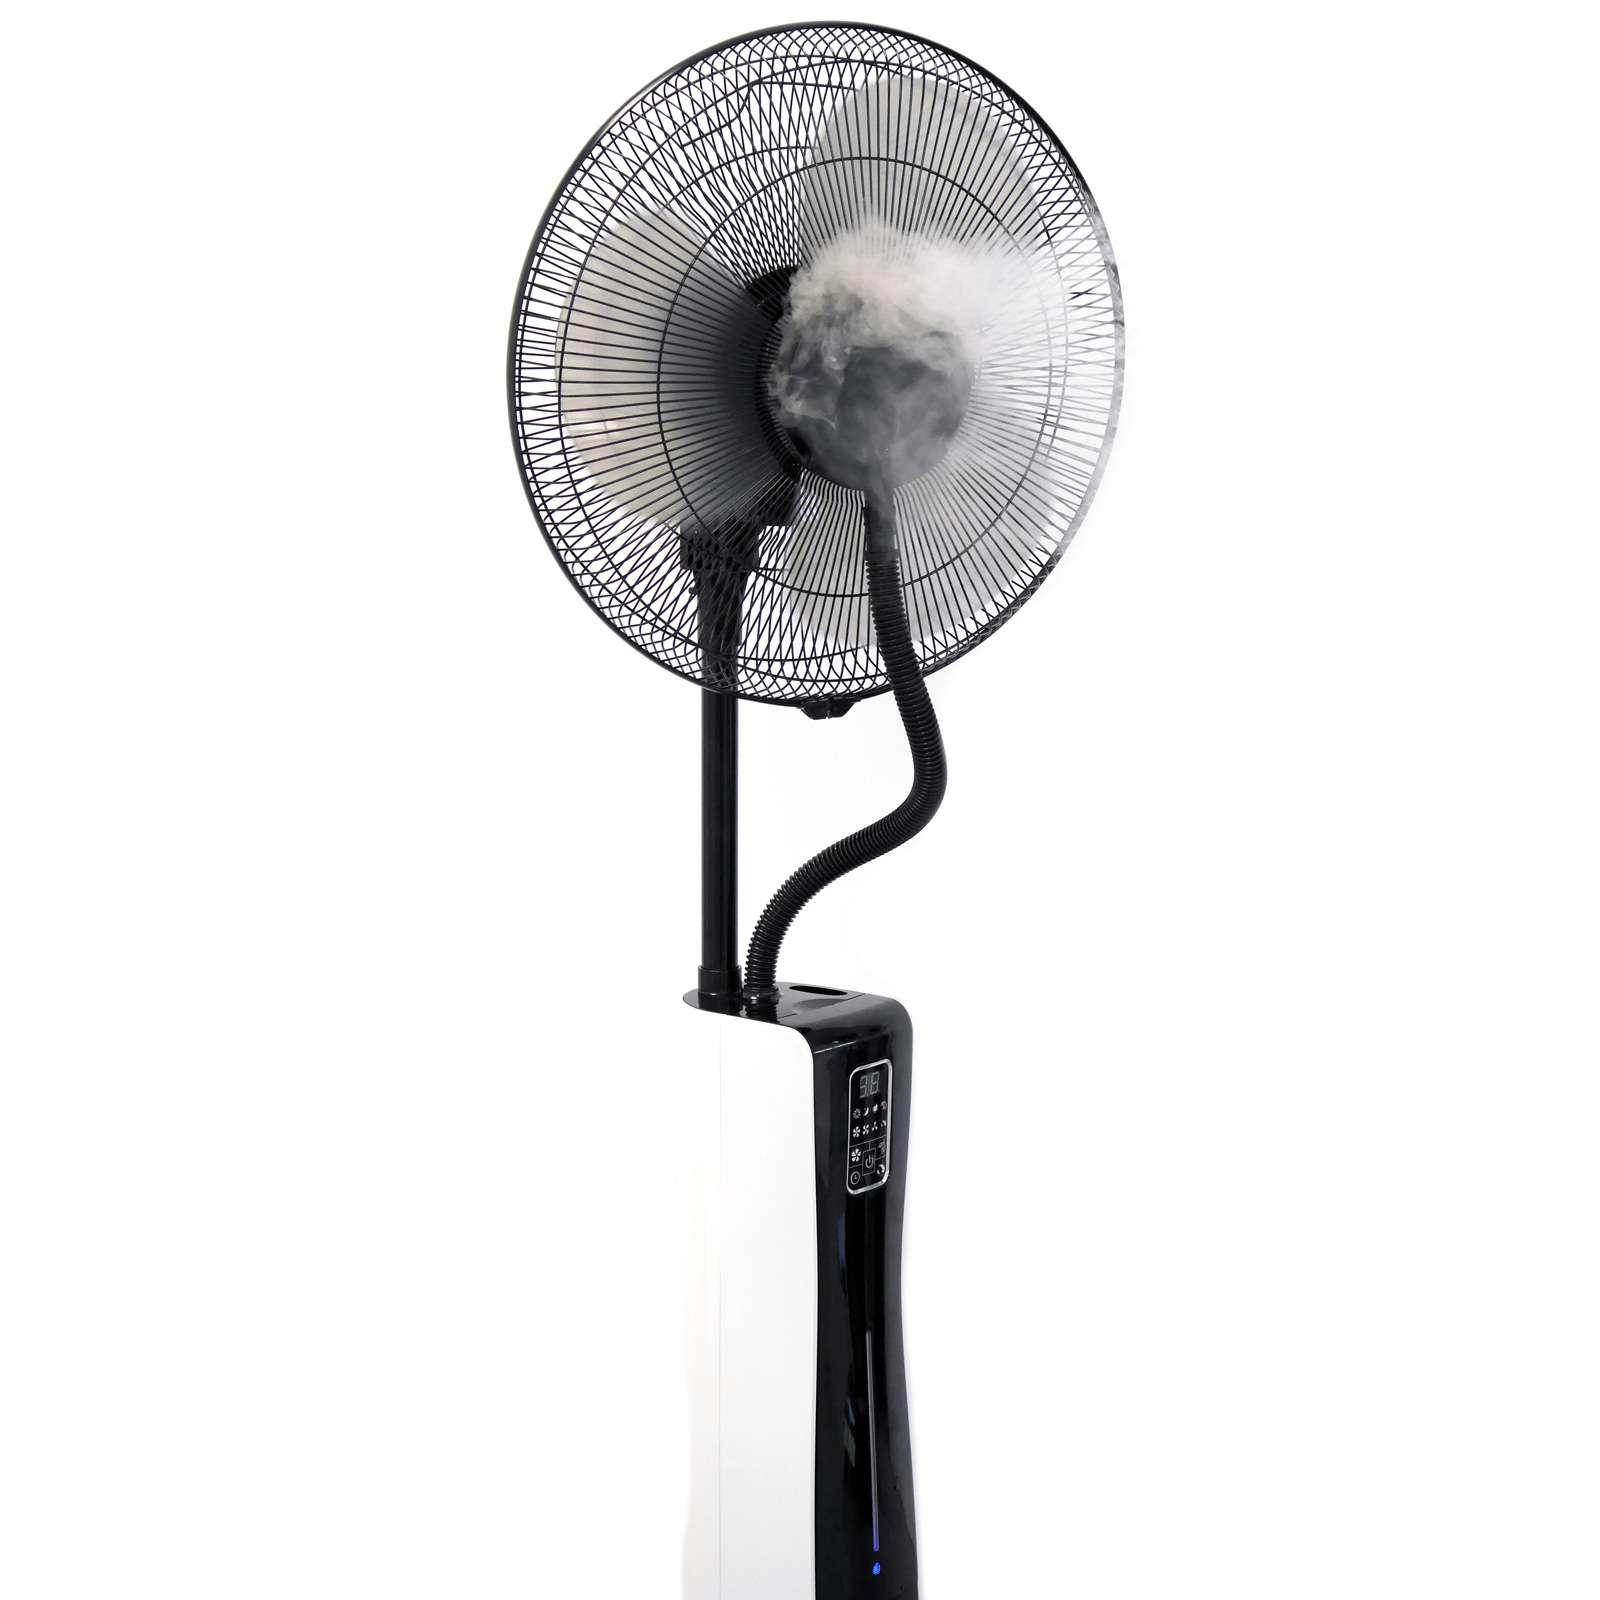 vasner cooly ventilator mit wasser k hlung manketech shop. Black Bedroom Furniture Sets. Home Design Ideas